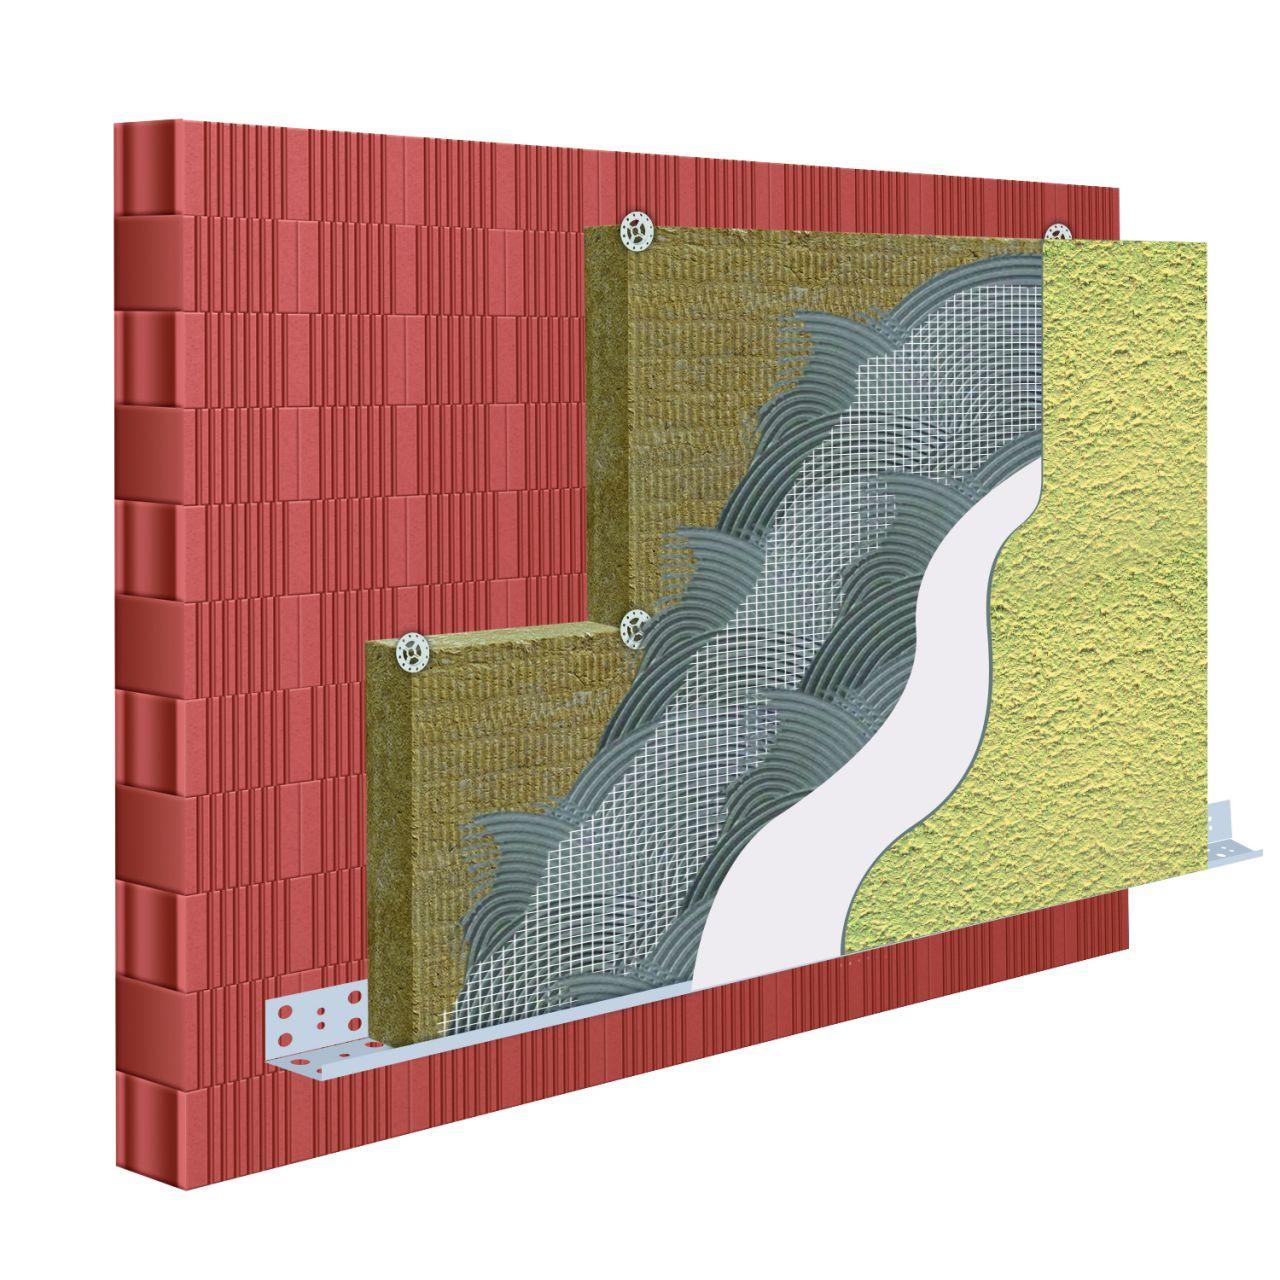 Homlokzati 15 cm vtg. kőzetgyapot hőszigetelő rendszer 1,5 mm-es kapart vakolattal 100 színben